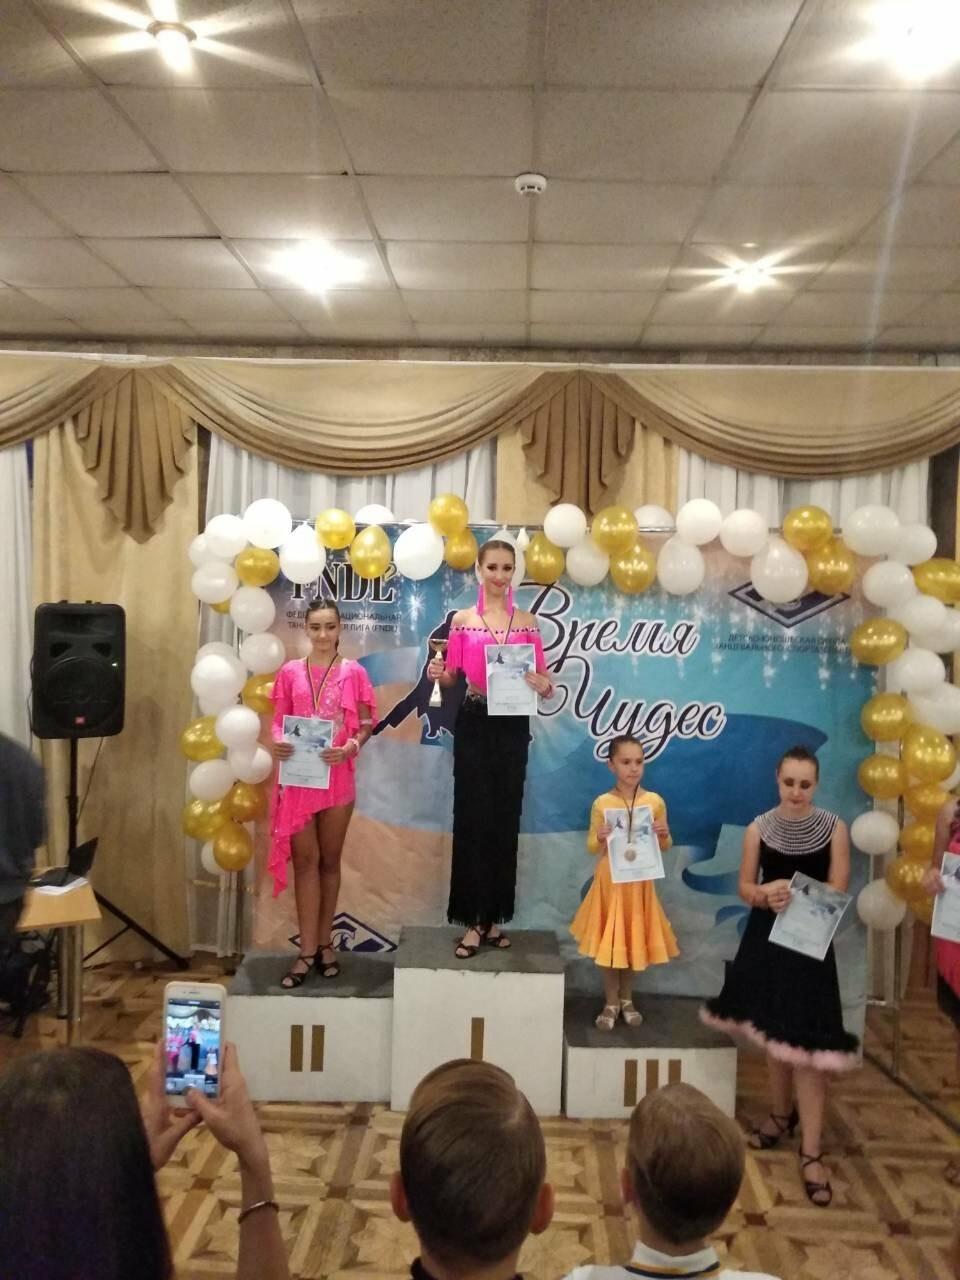 Представники Бердянська гідно виступили на спортивно-танцювальному чемпіонаті у Запоріжжі, фото-1